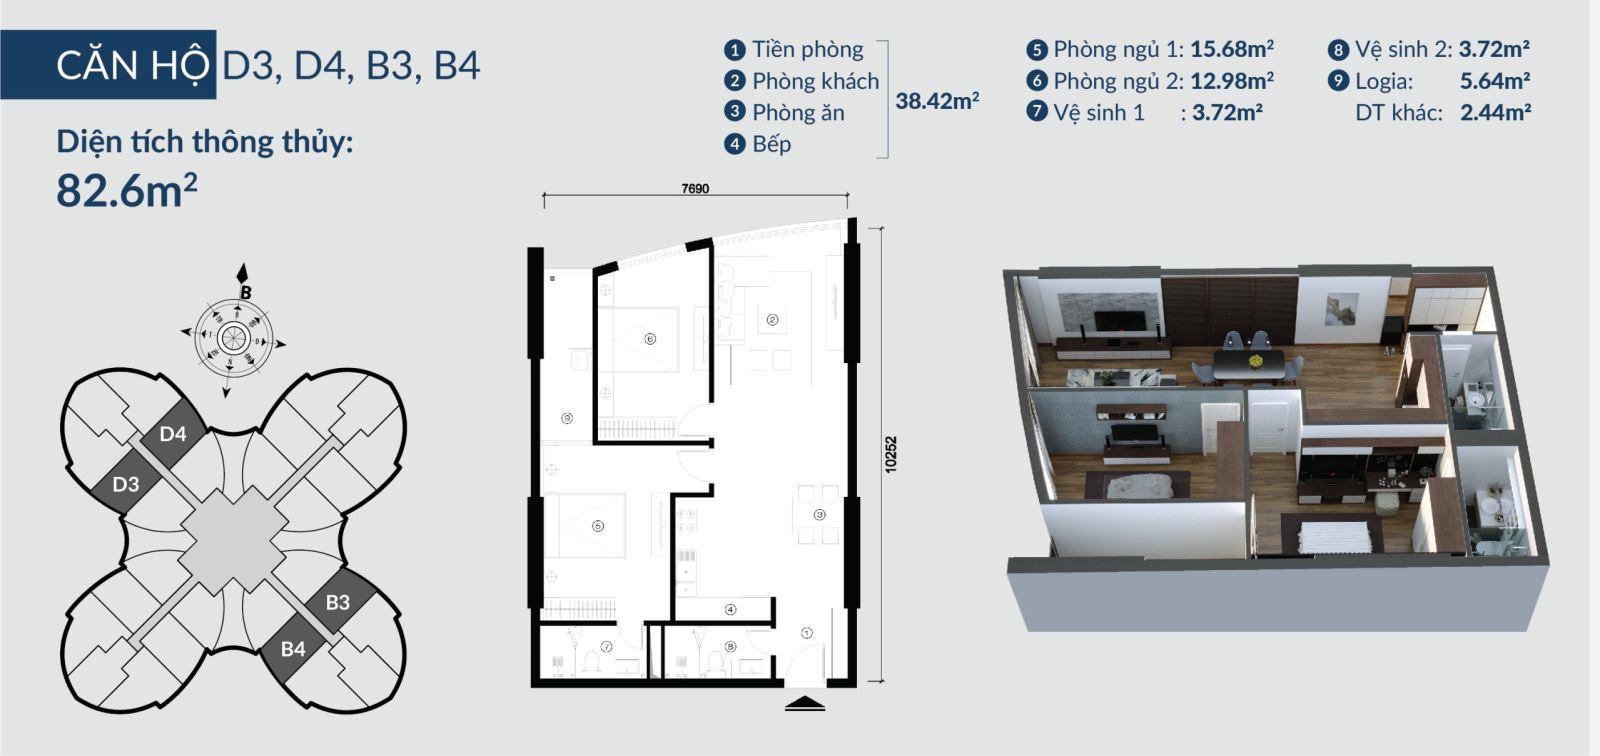 Chi tiết căn hộ Skyview Plaza 360 Giải Phóng 10